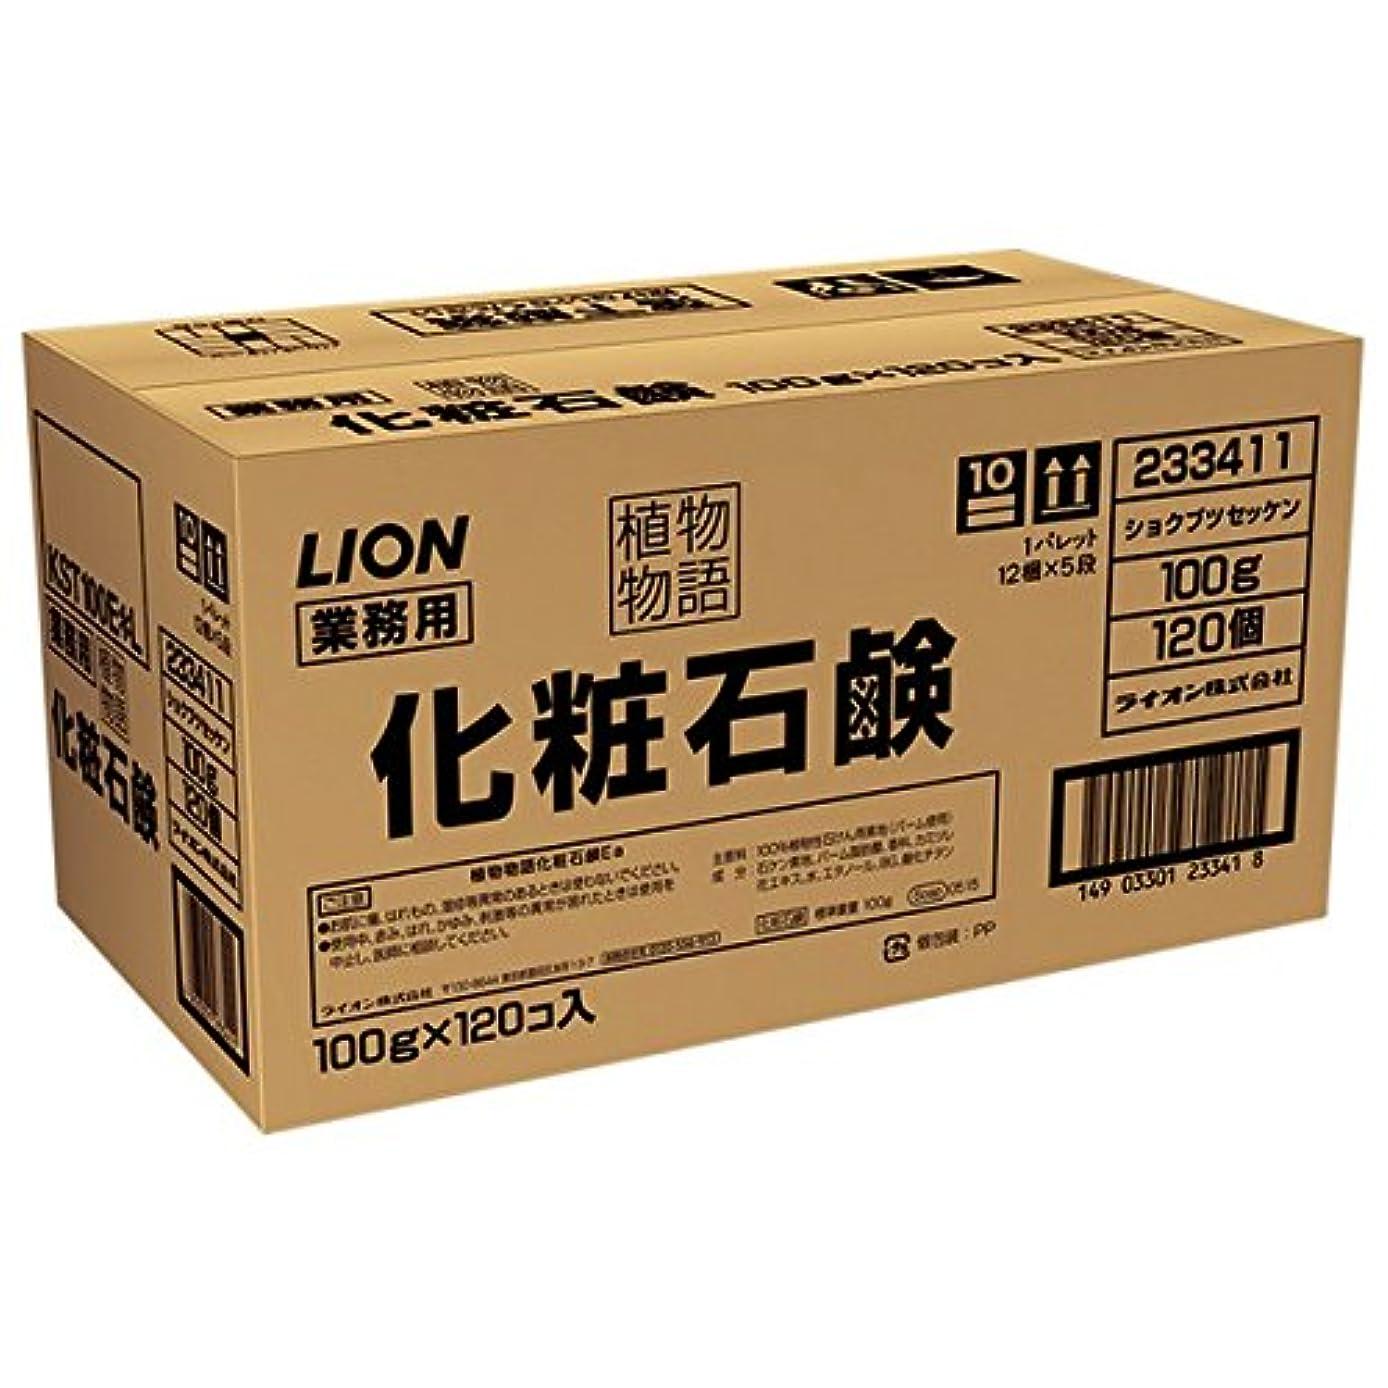 作る変化ベーシックライオン 植物物語 化粧石鹸 業務用 100g 1箱(120個)